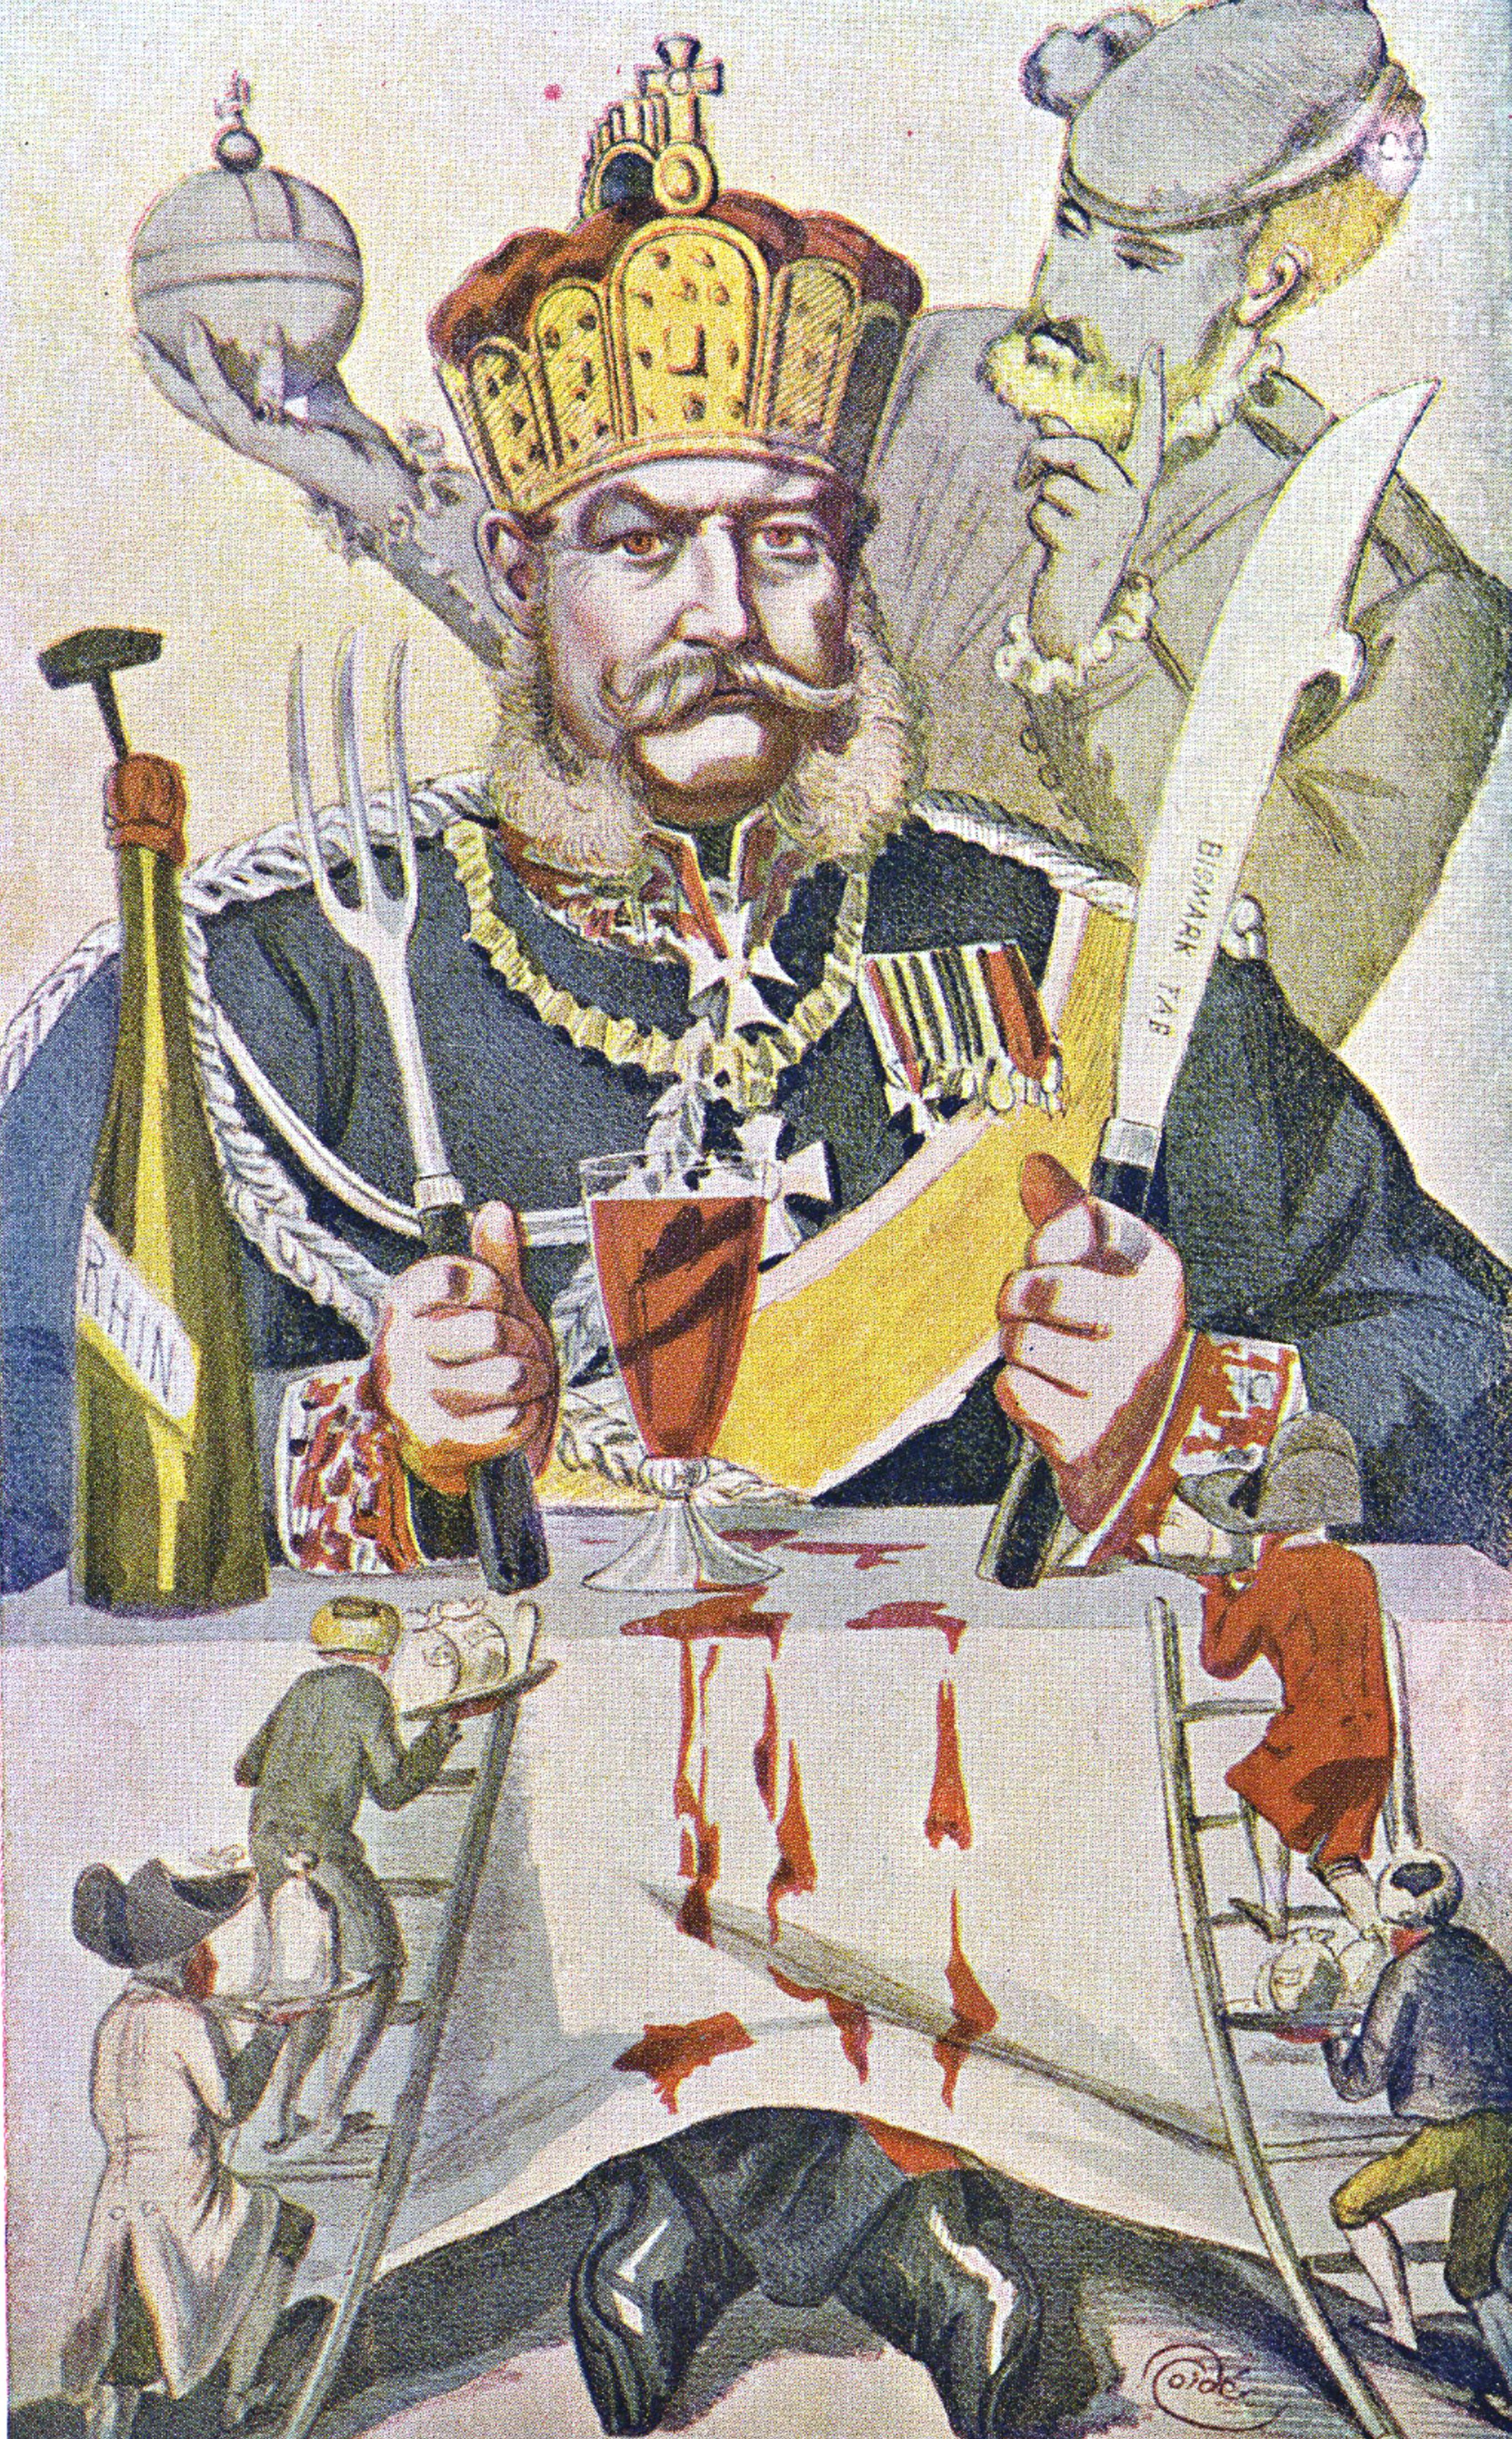 Caricatura de Bismarck comiendo conquistas